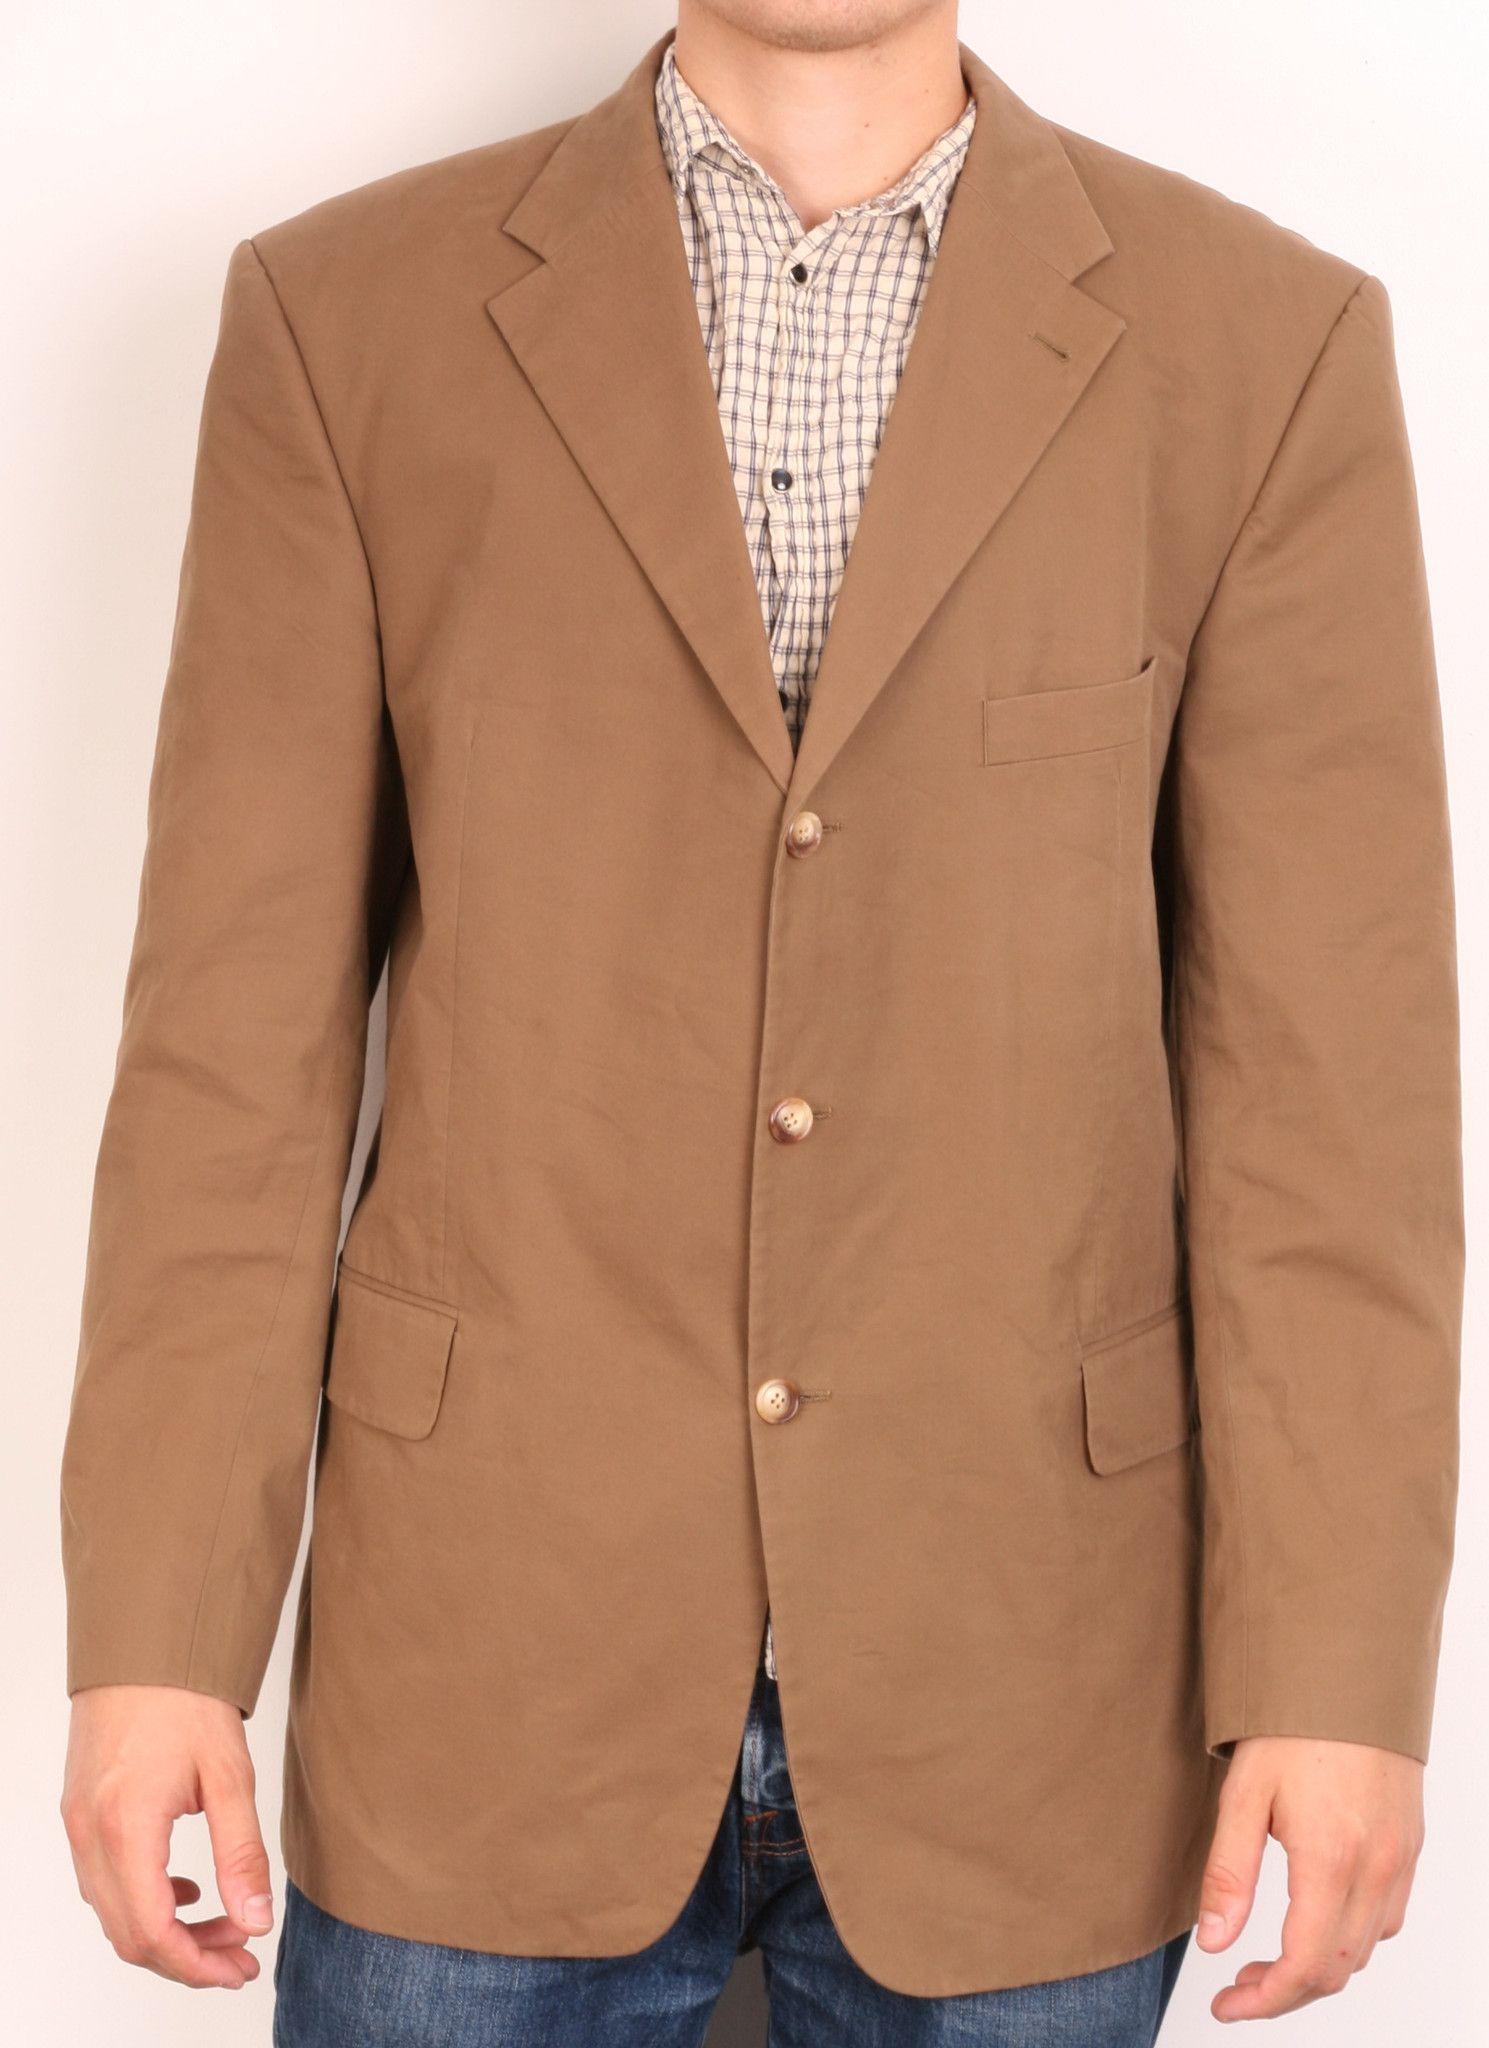 Tommy Hilfiger Mens L Top Suit Brown Blazer Jacket